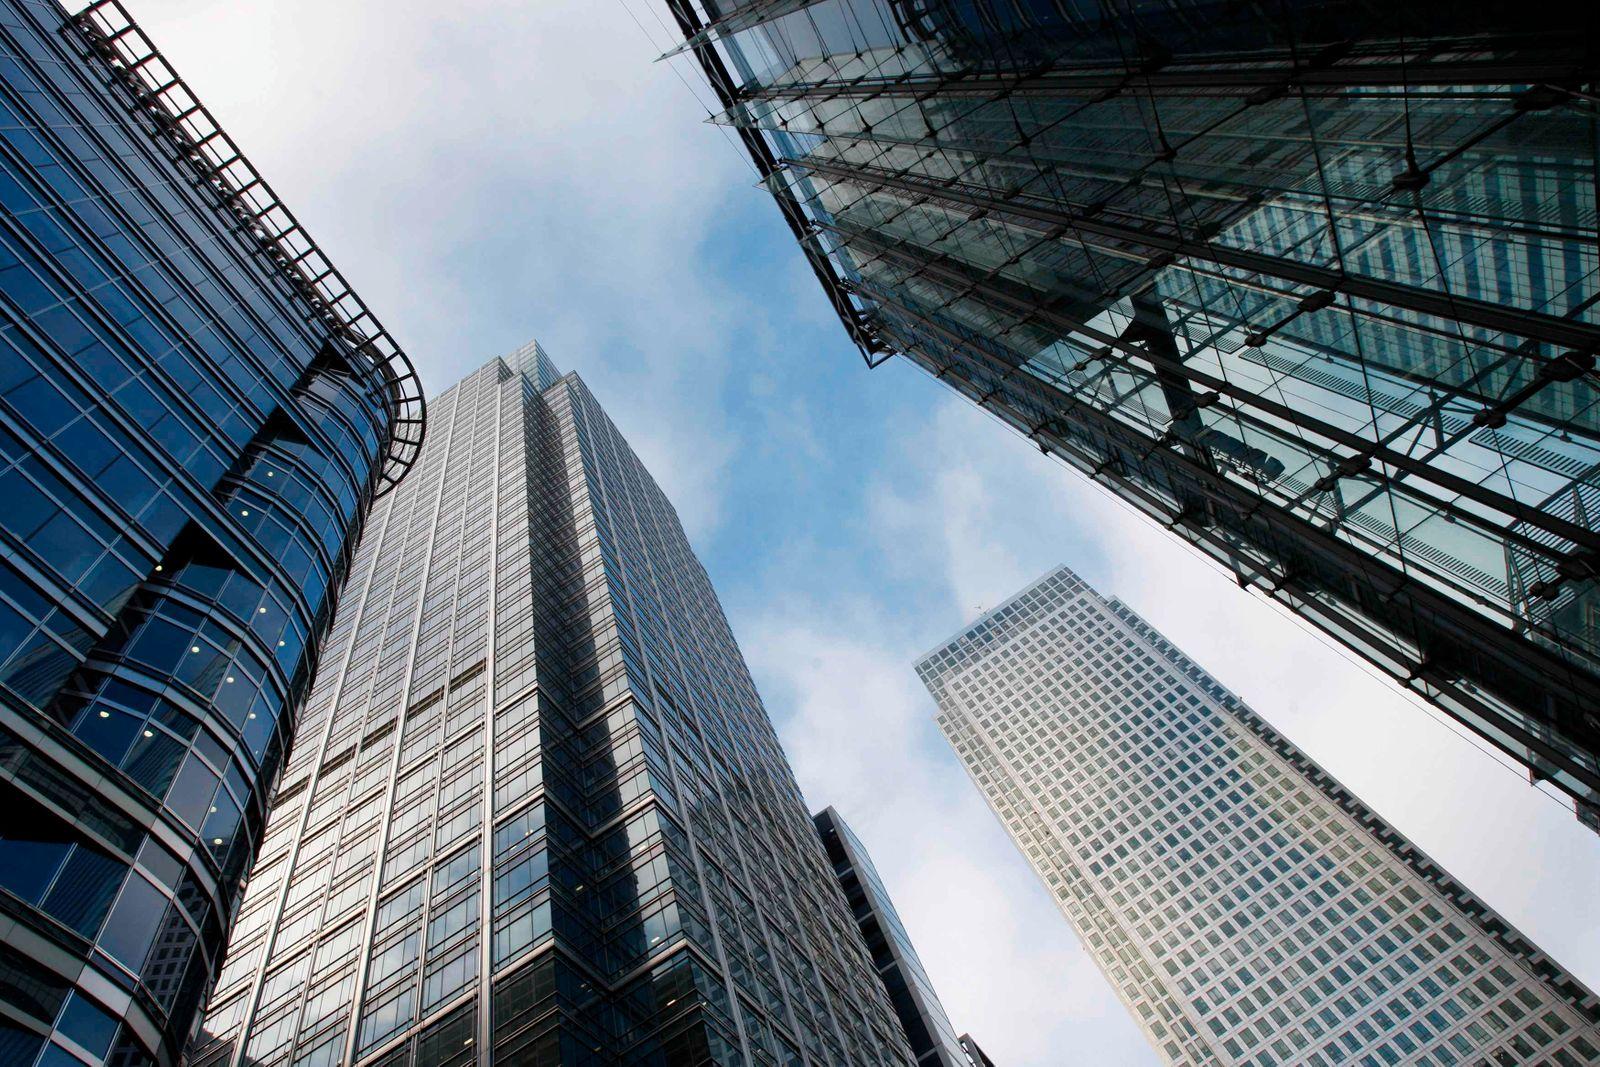 Großbritannien / London / Finanzdistrikt / Bankenhochhäuser